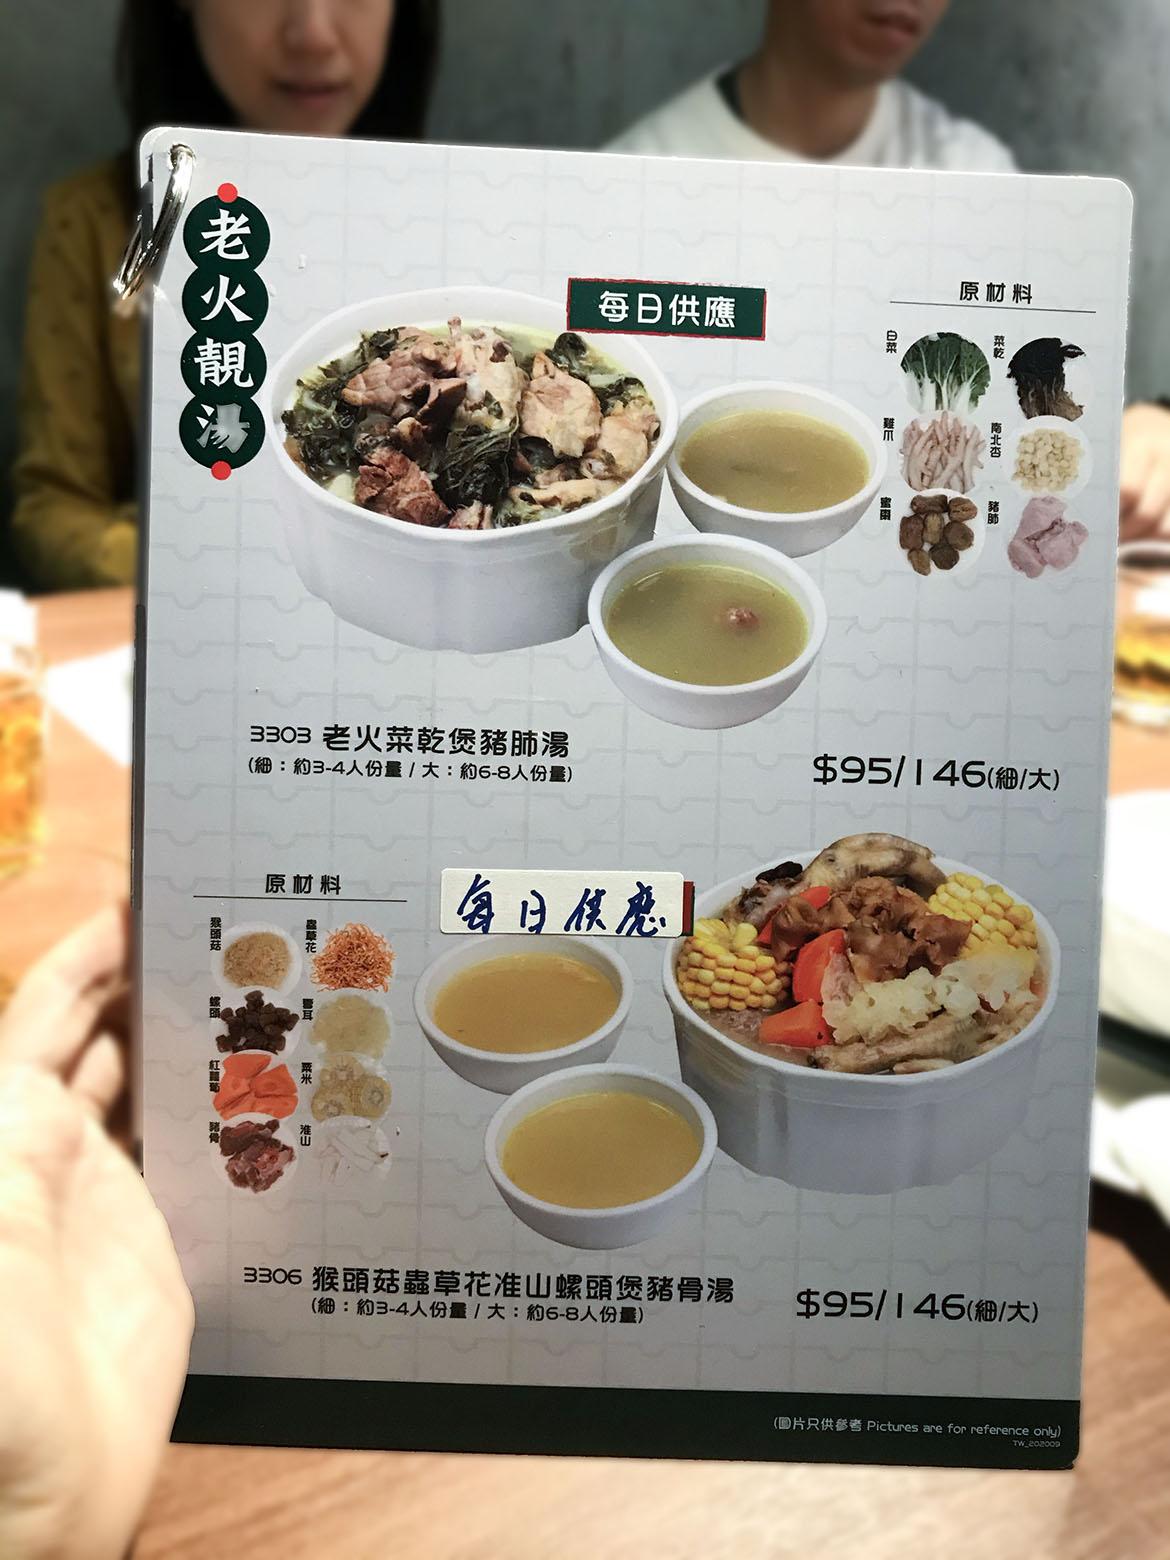 楚撚記大排檔 ChorLand Cookfood Stall